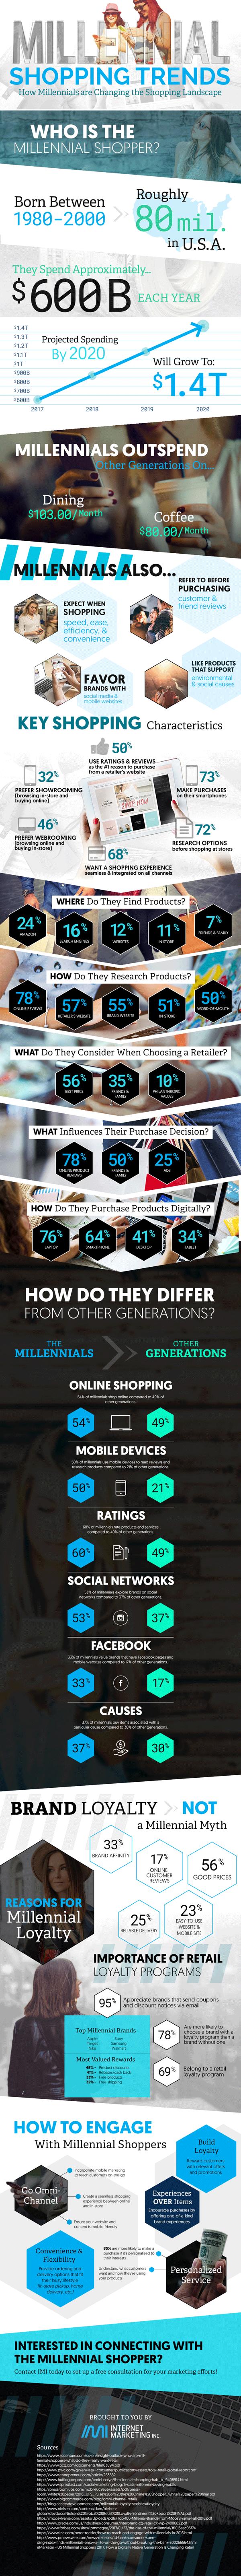 2017 Millennial Shopping Trends